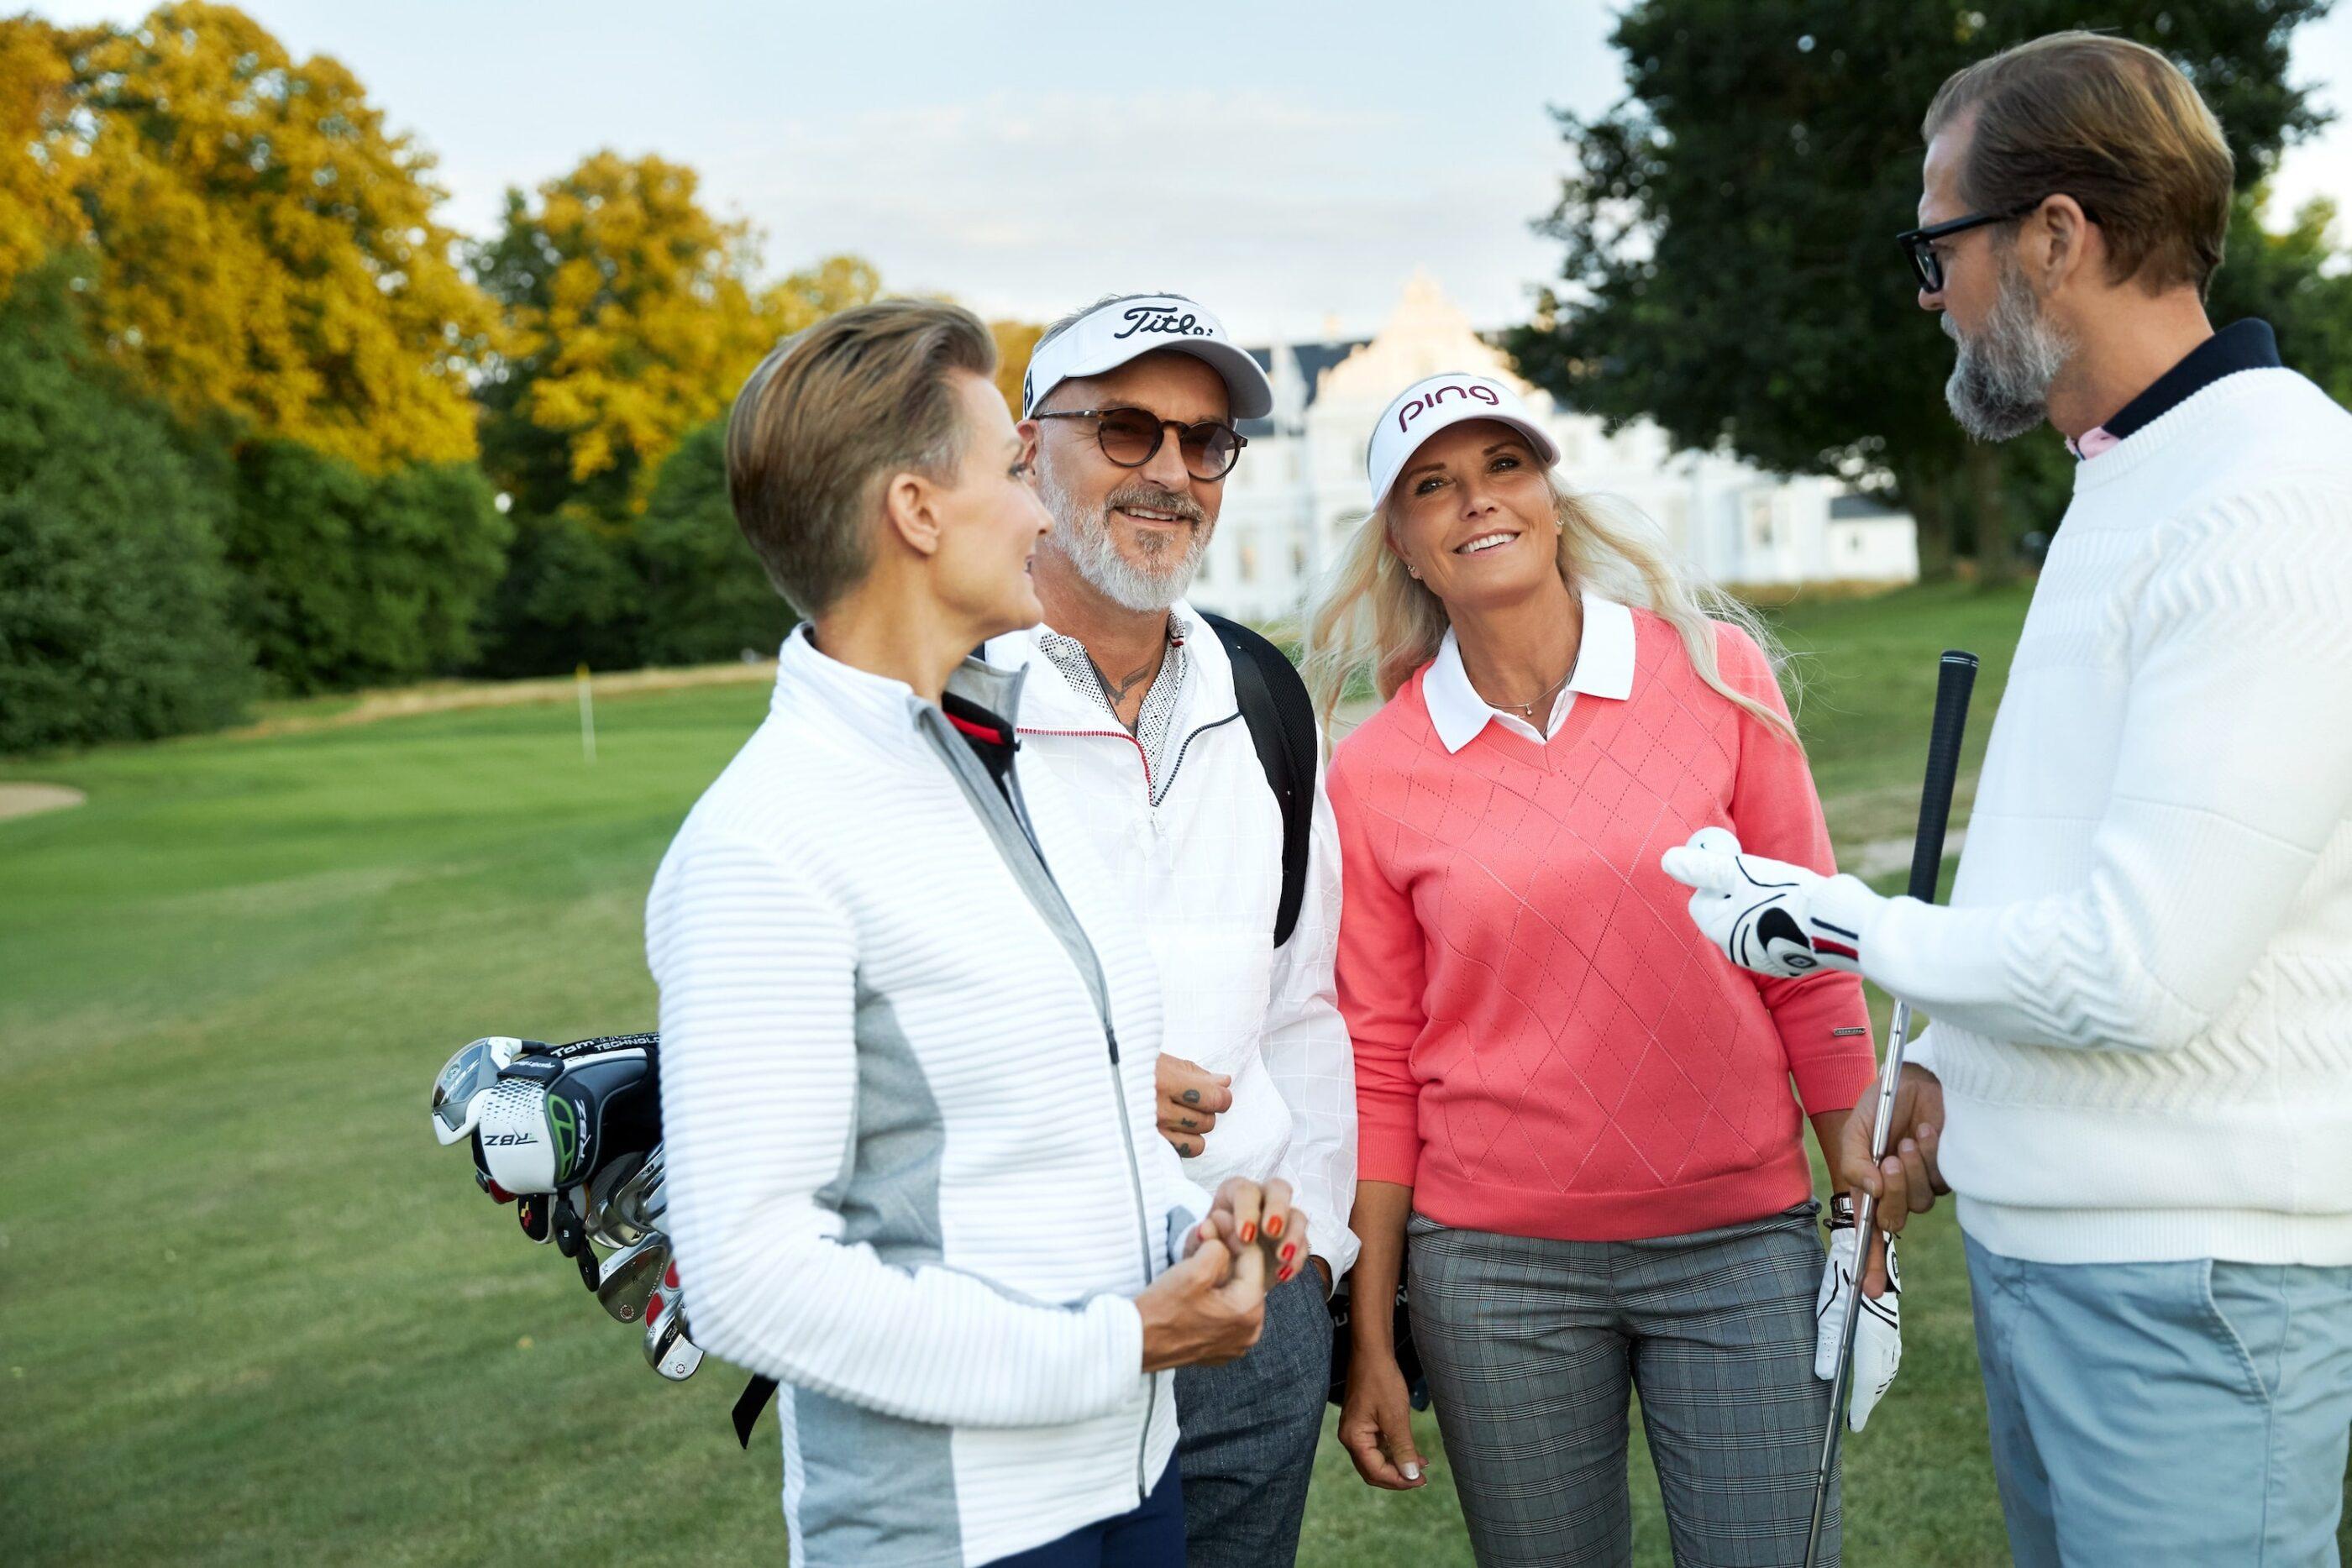 2 mænd og 2 kvinder iklædt golf tøj med golf udstyr inklusiv golfkøller står på en golfbane med hotellet i baggrunden og smiler